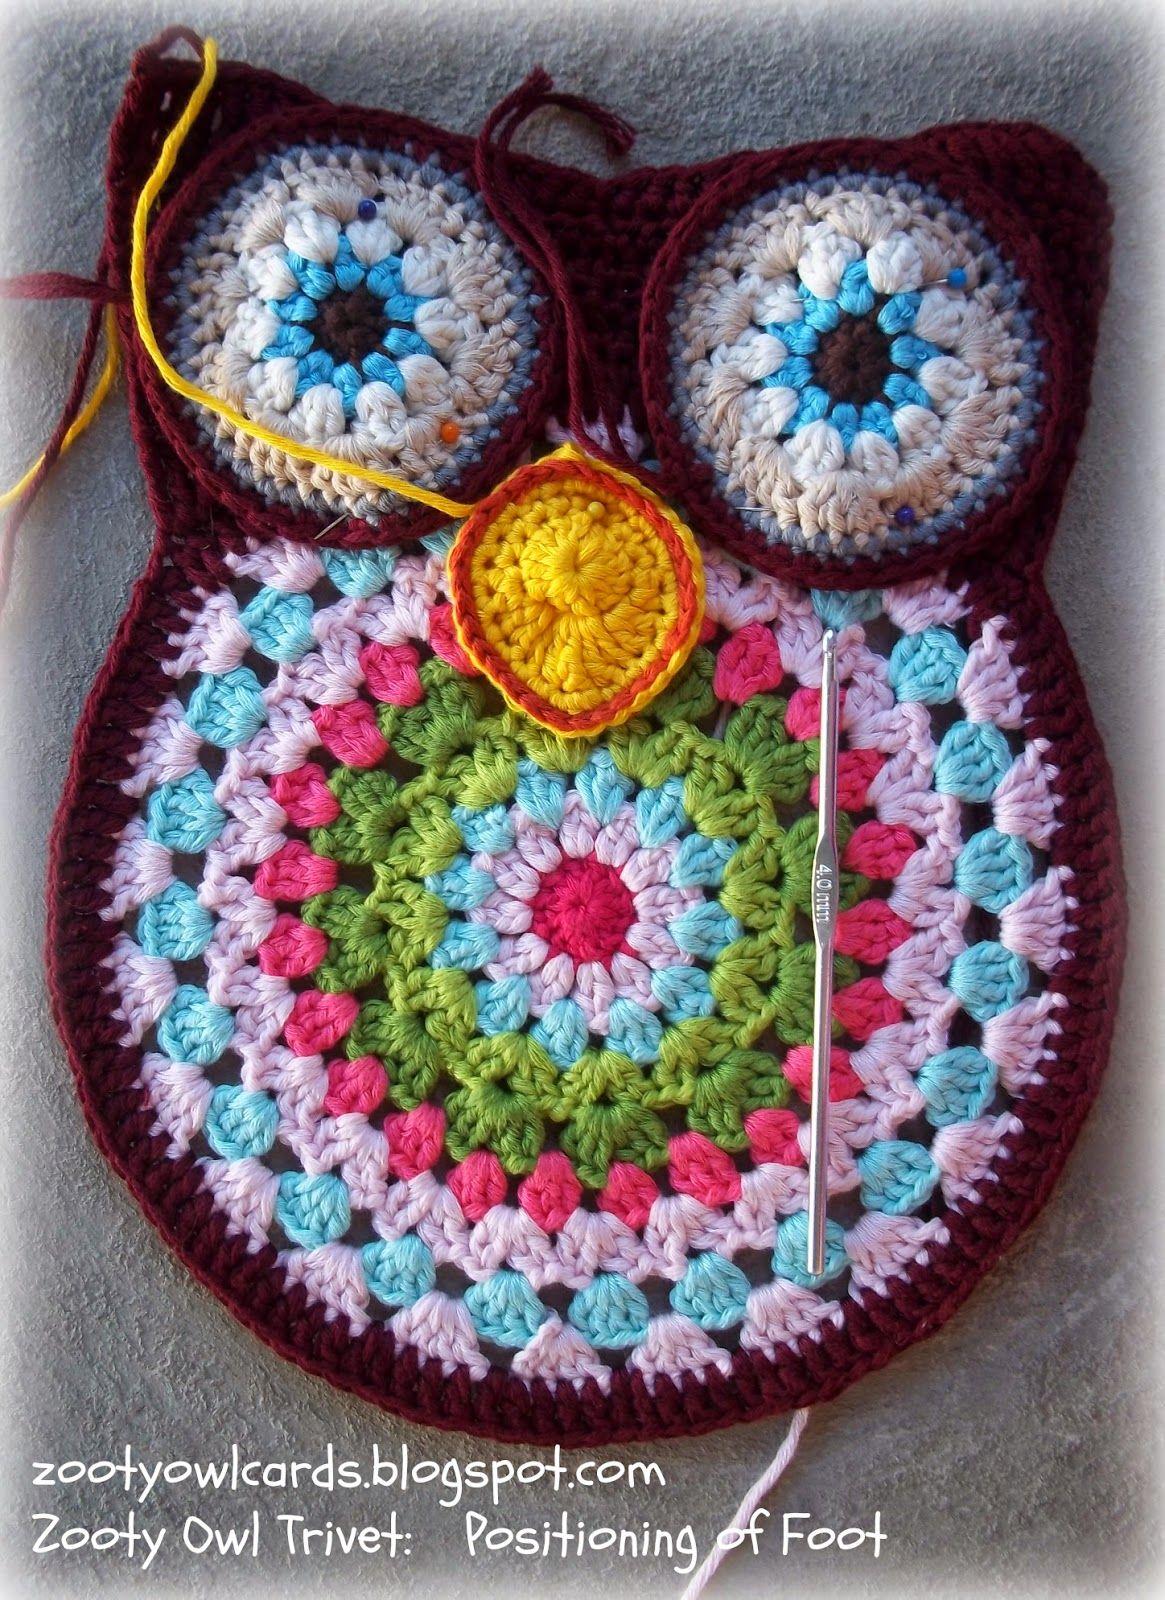 Crochet Owl Trivets free crochet pattern | Crochet Patterns ...